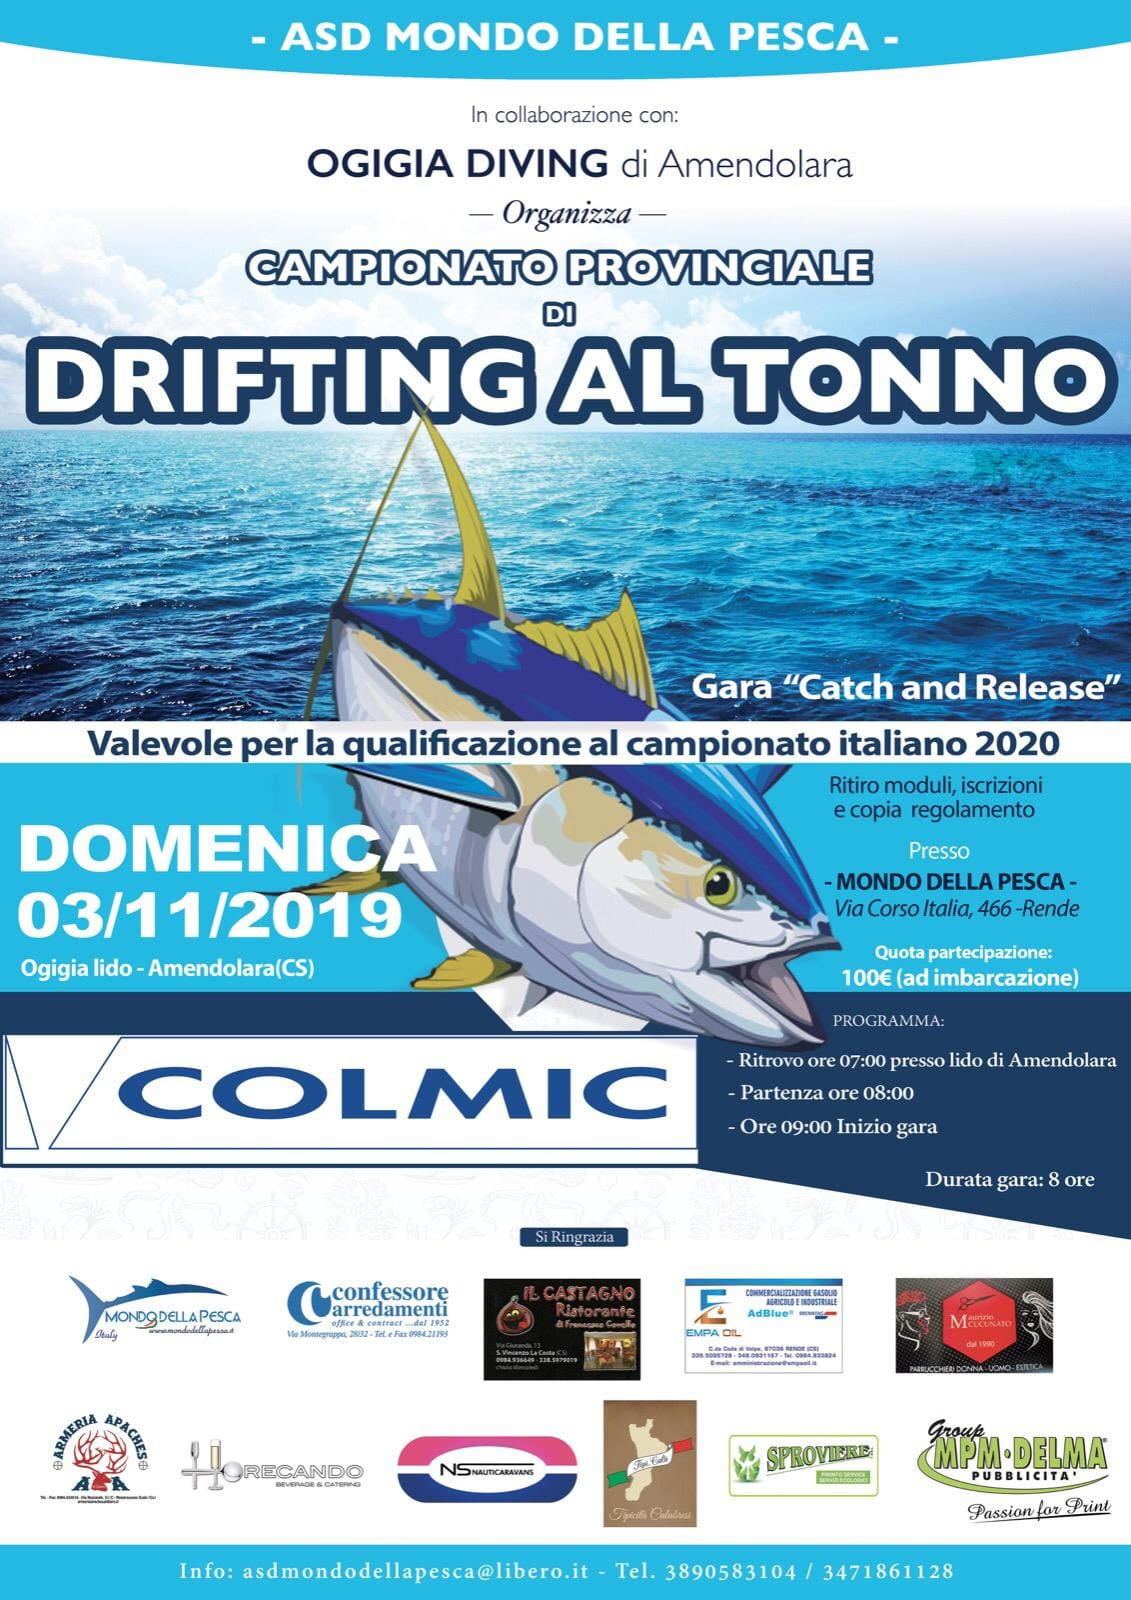 Campionato Provinciale di DRFTING al TONNO ( DOM. 3 NOVEMBRE 2019 ) – Valevole per le Qualifacazioni al Campionato Italiano 2020